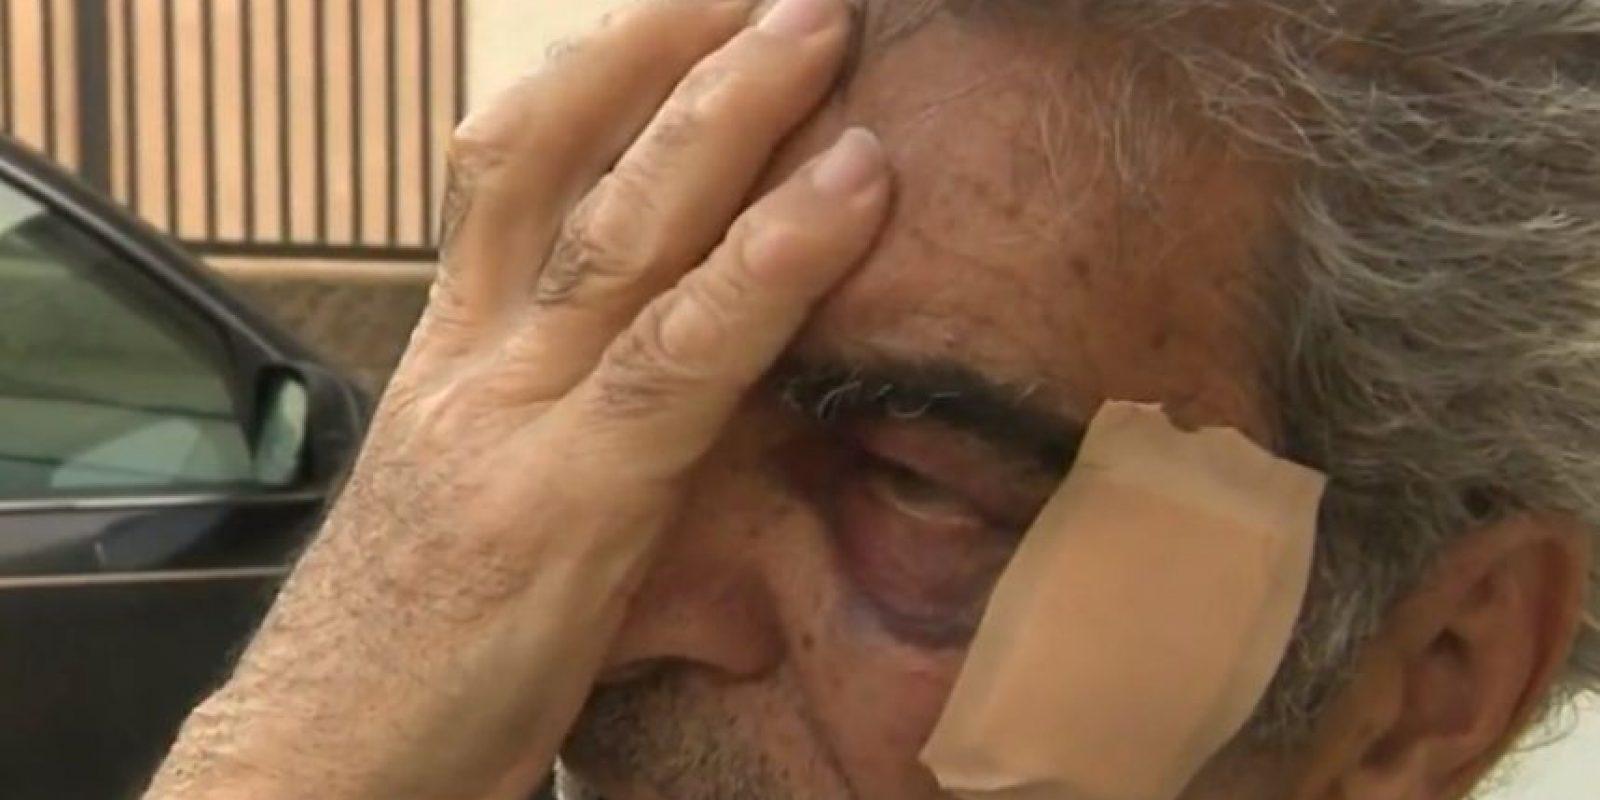 Actualmente Derrick se enfrenta a cargos de abuso de ancianos y daño corporal. Foto:CBS